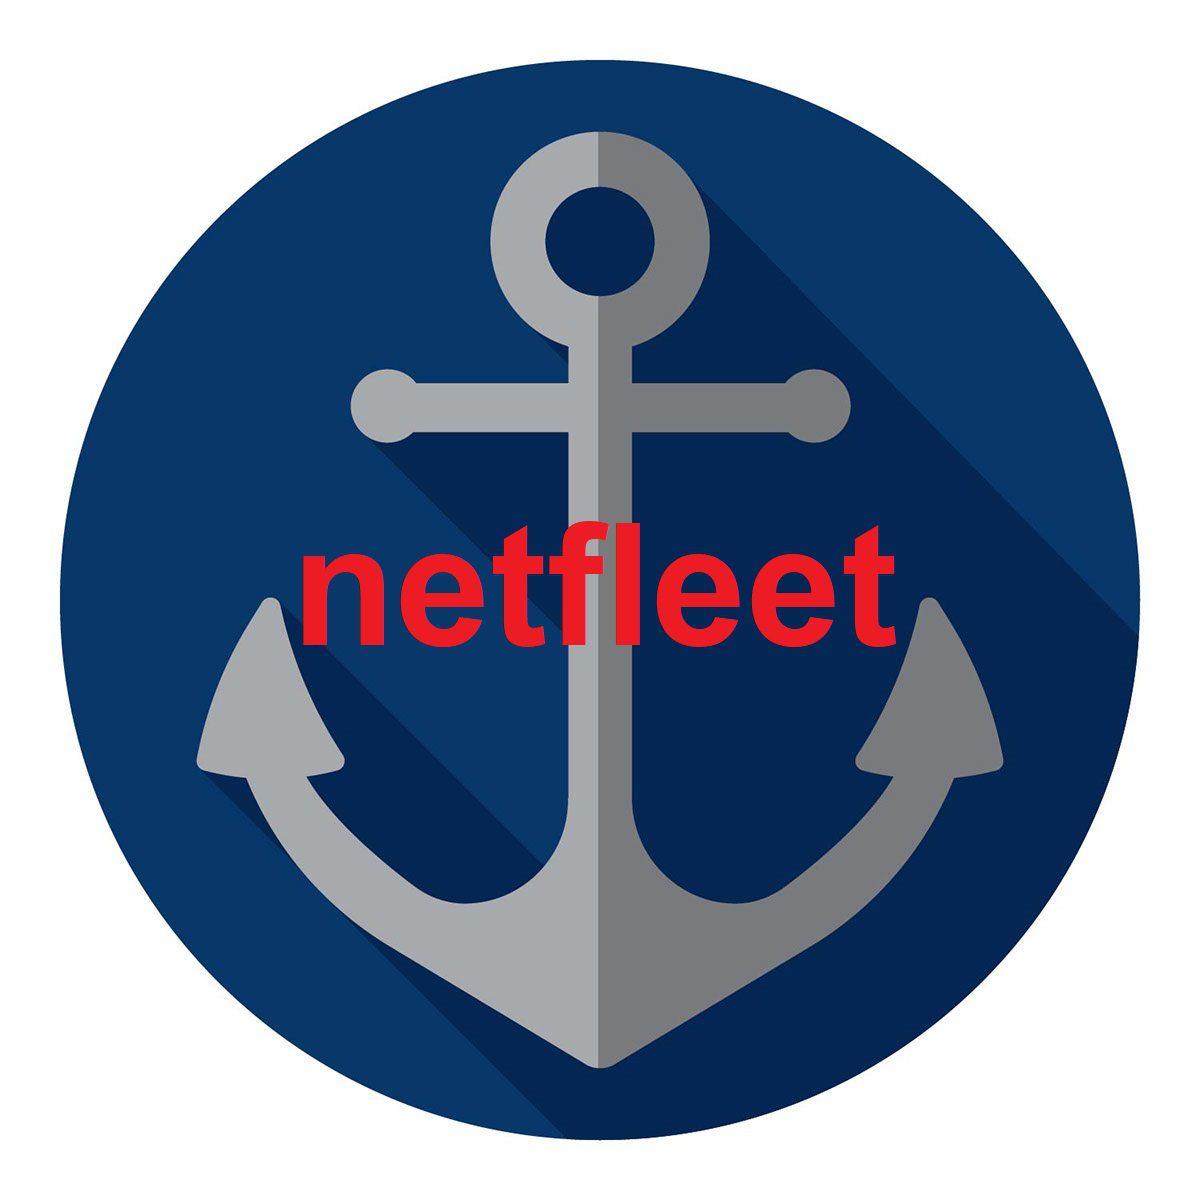 Netfleet